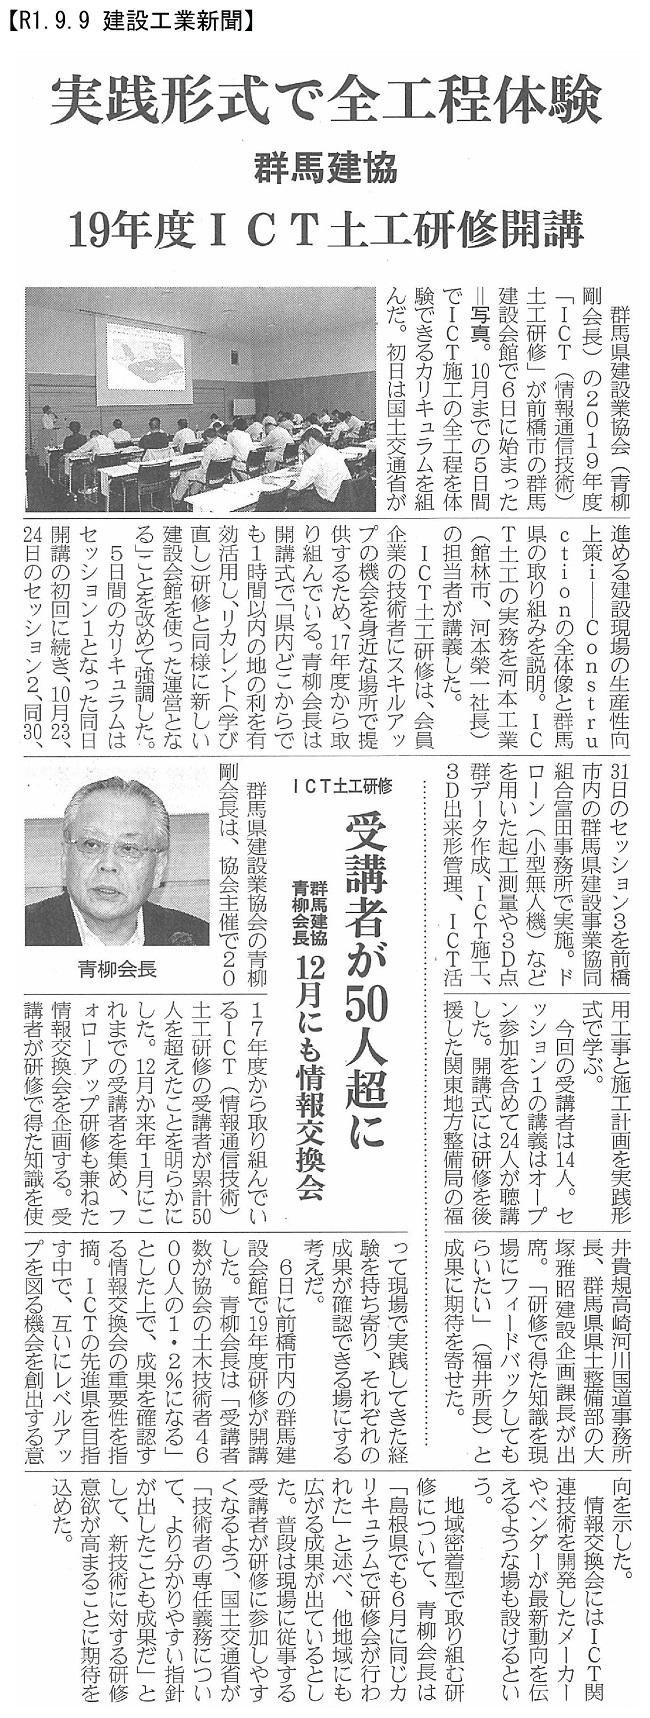 20190909 19年度ICT土木研修開講・群馬協会:建設工業新聞(A3)